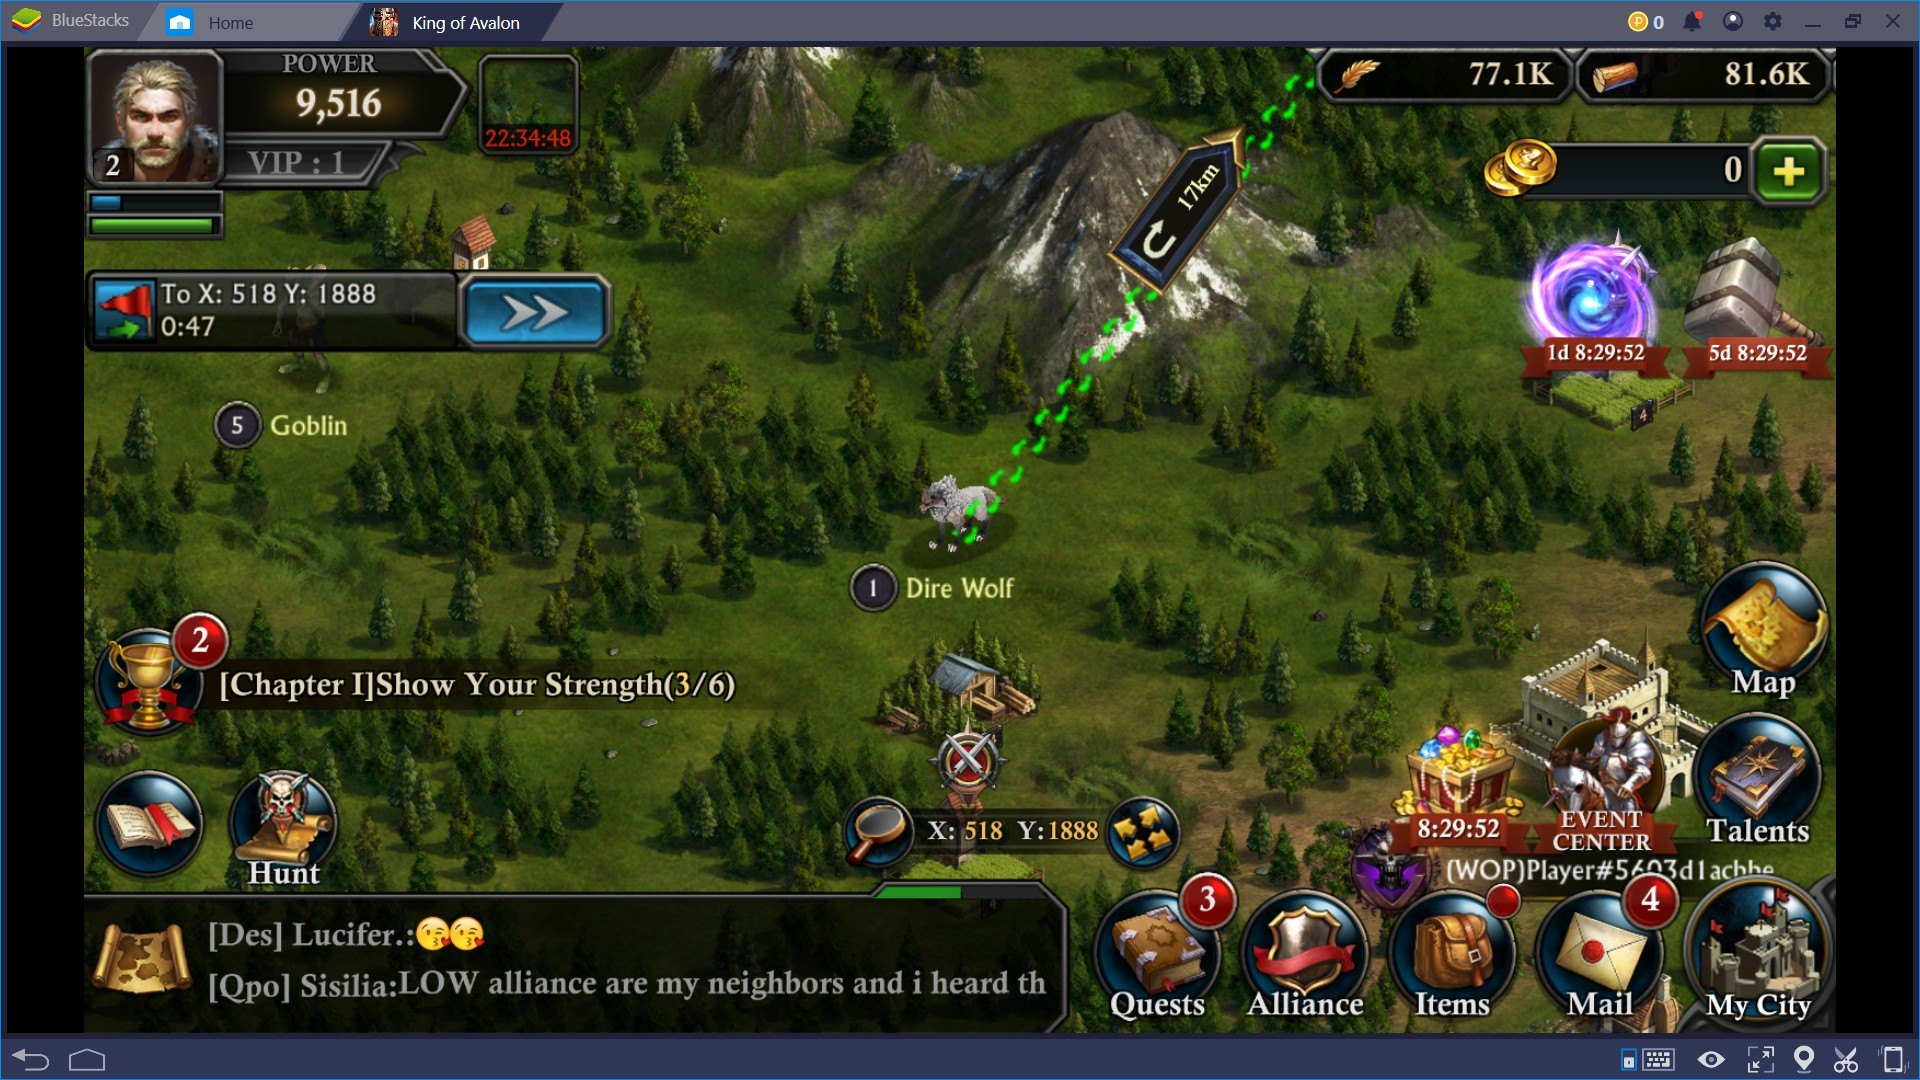 BlueStacksを使ってPCでキング・オブ・アバロン: ドラゴン戦争を遊ぼう